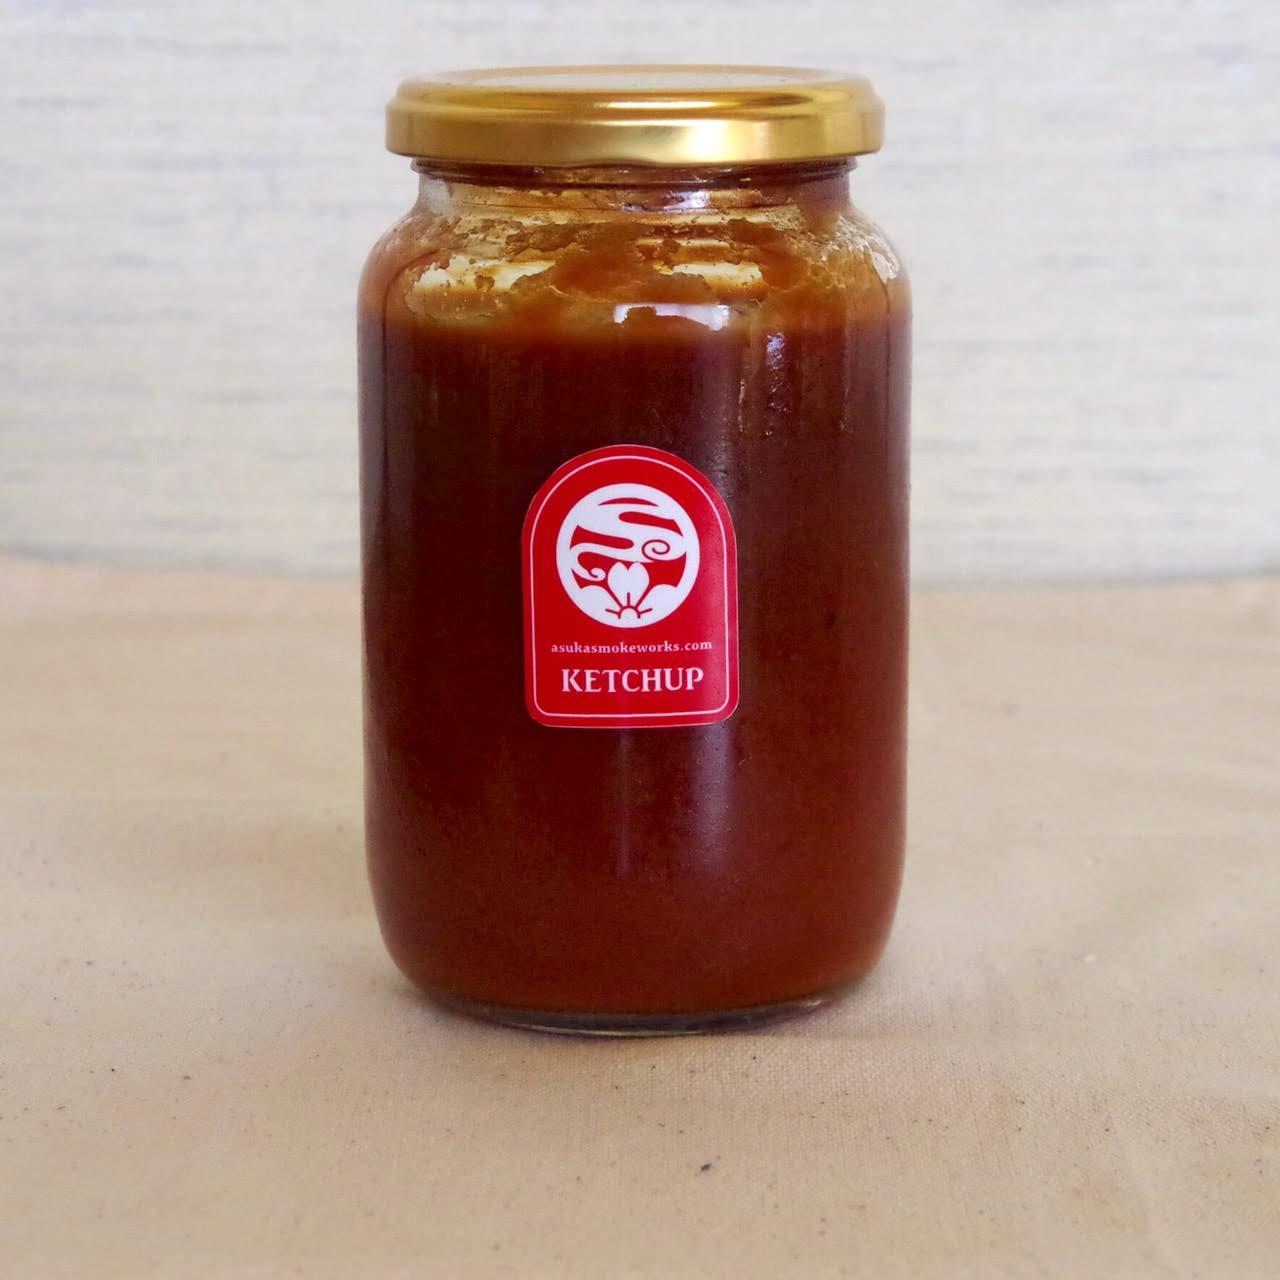 トマト&ベジタブル(ケチャップ)350g   あすか燻製工房[さくらバーガー](奈良/明日香)画像